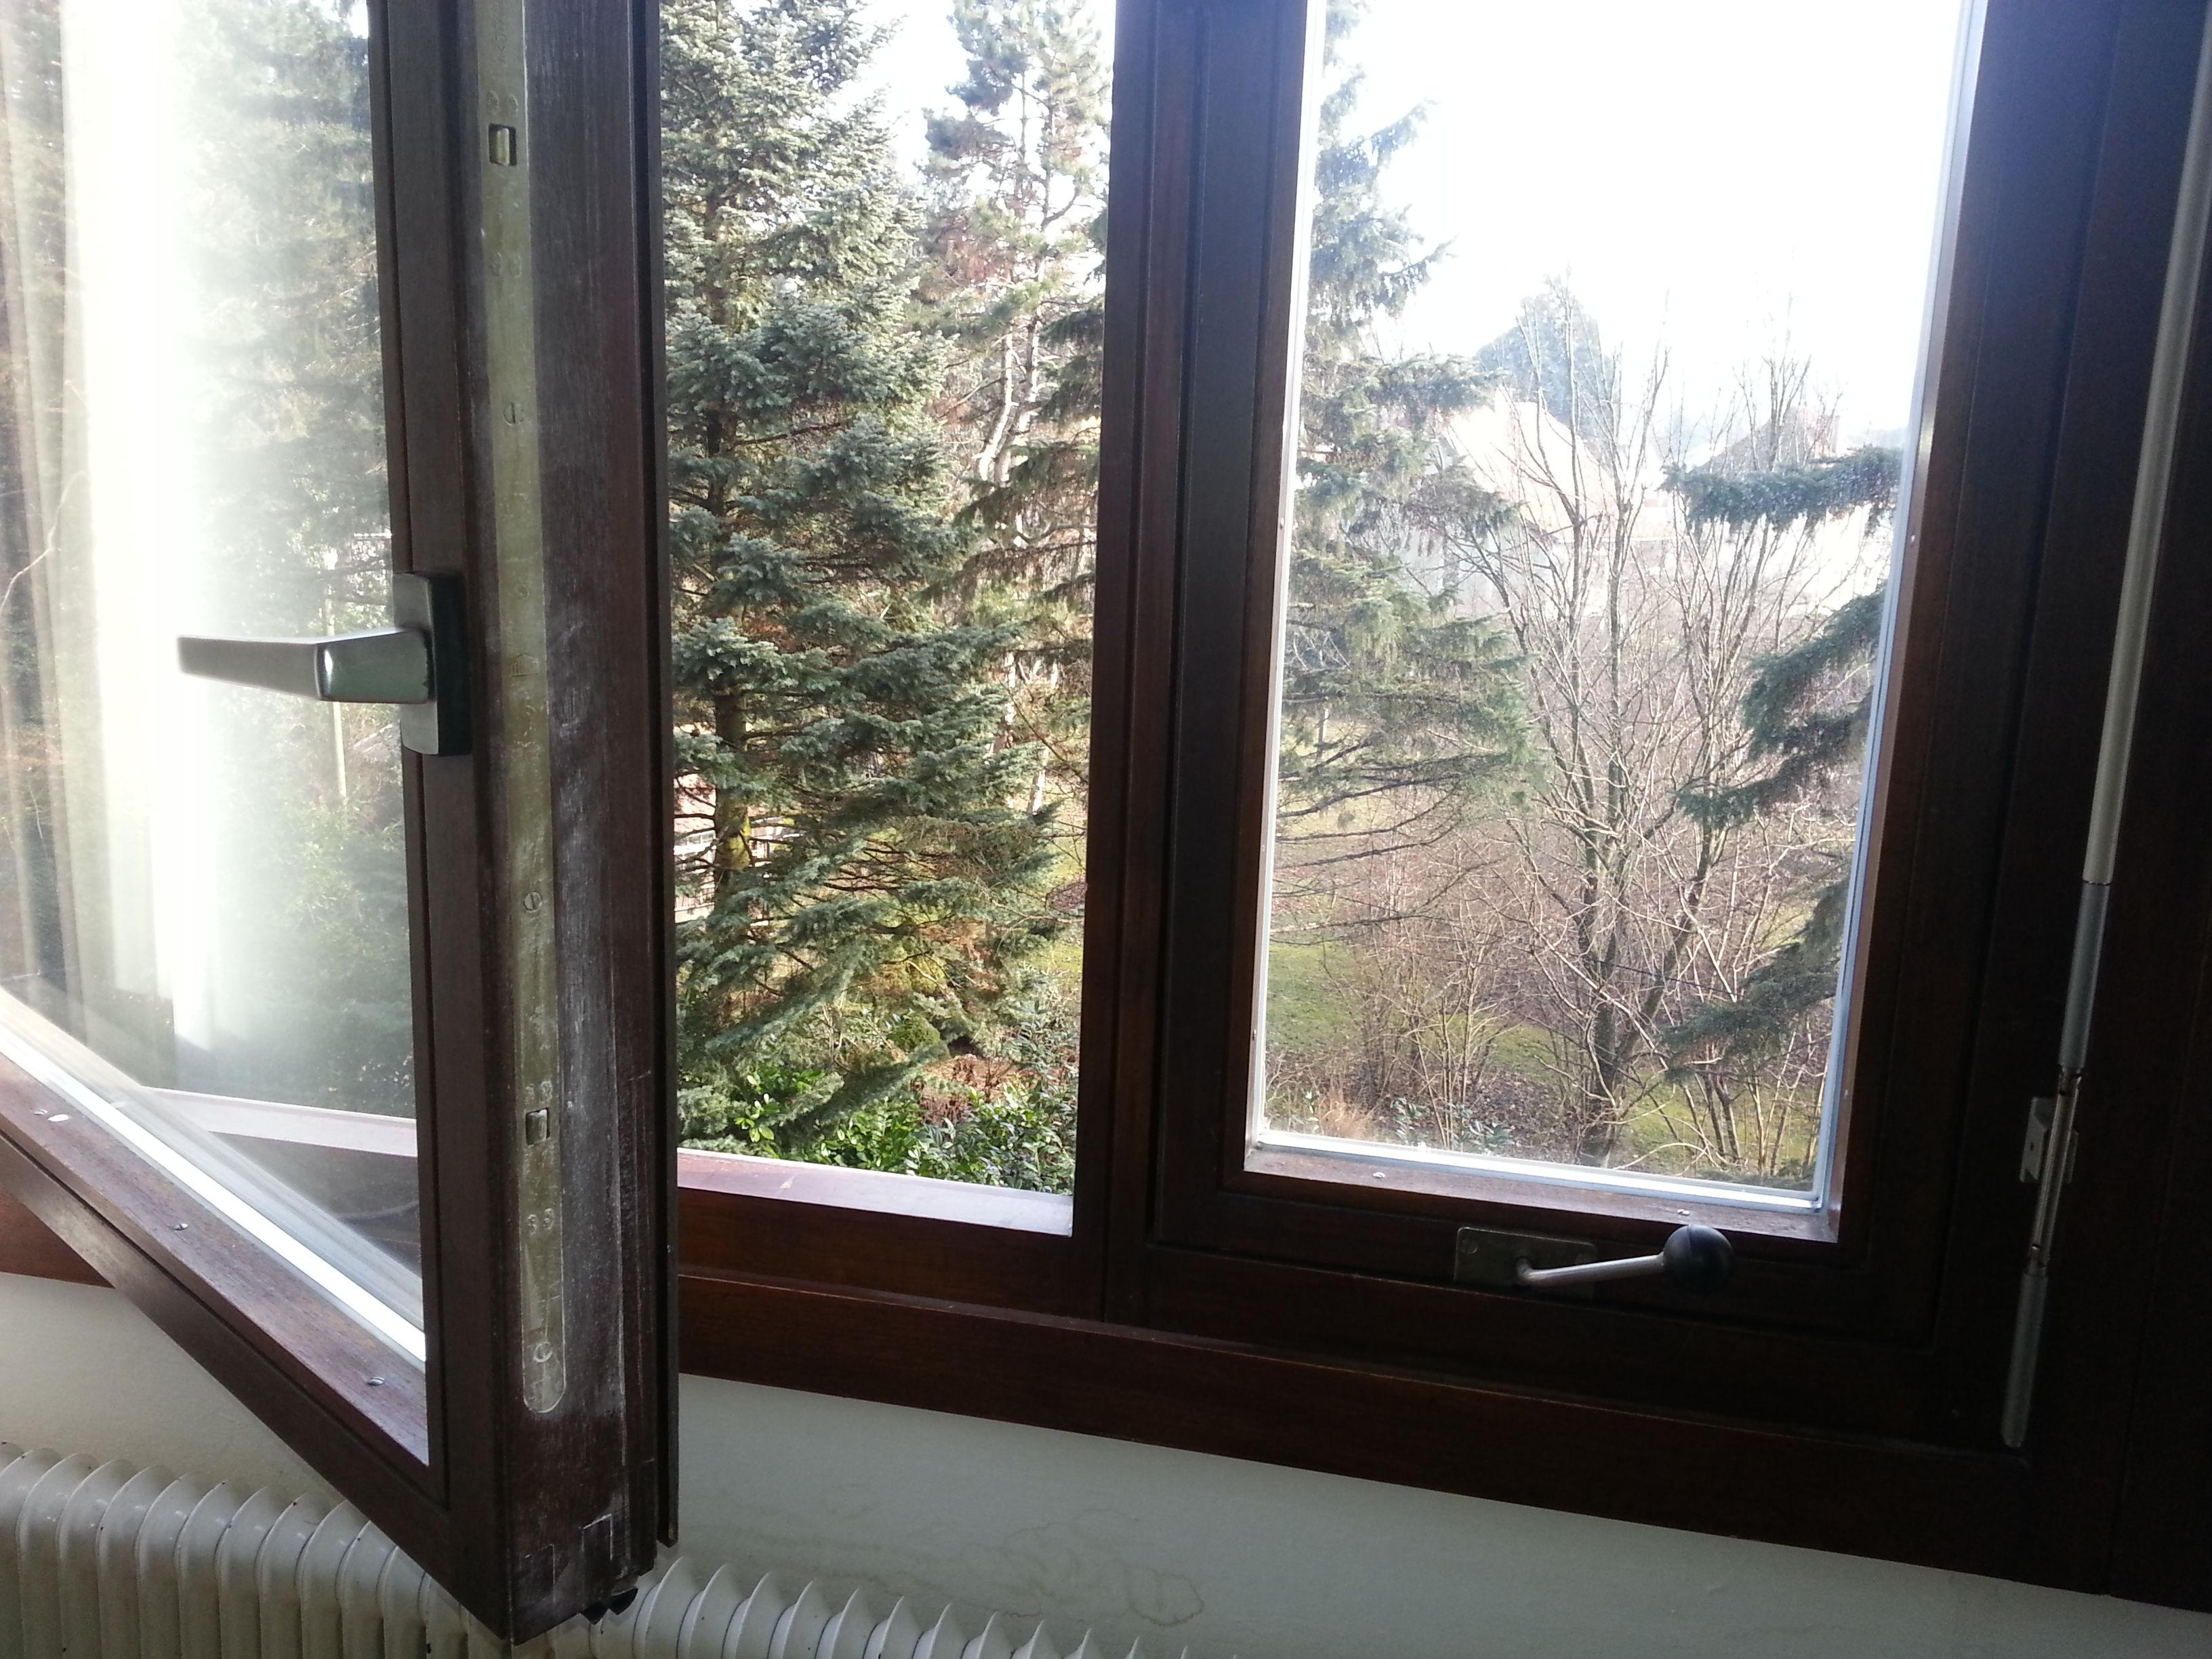 alte fenster abdichten fenster abdichten fenster am fensterrahmen undicht alte holzfenster. Black Bedroom Furniture Sets. Home Design Ideas